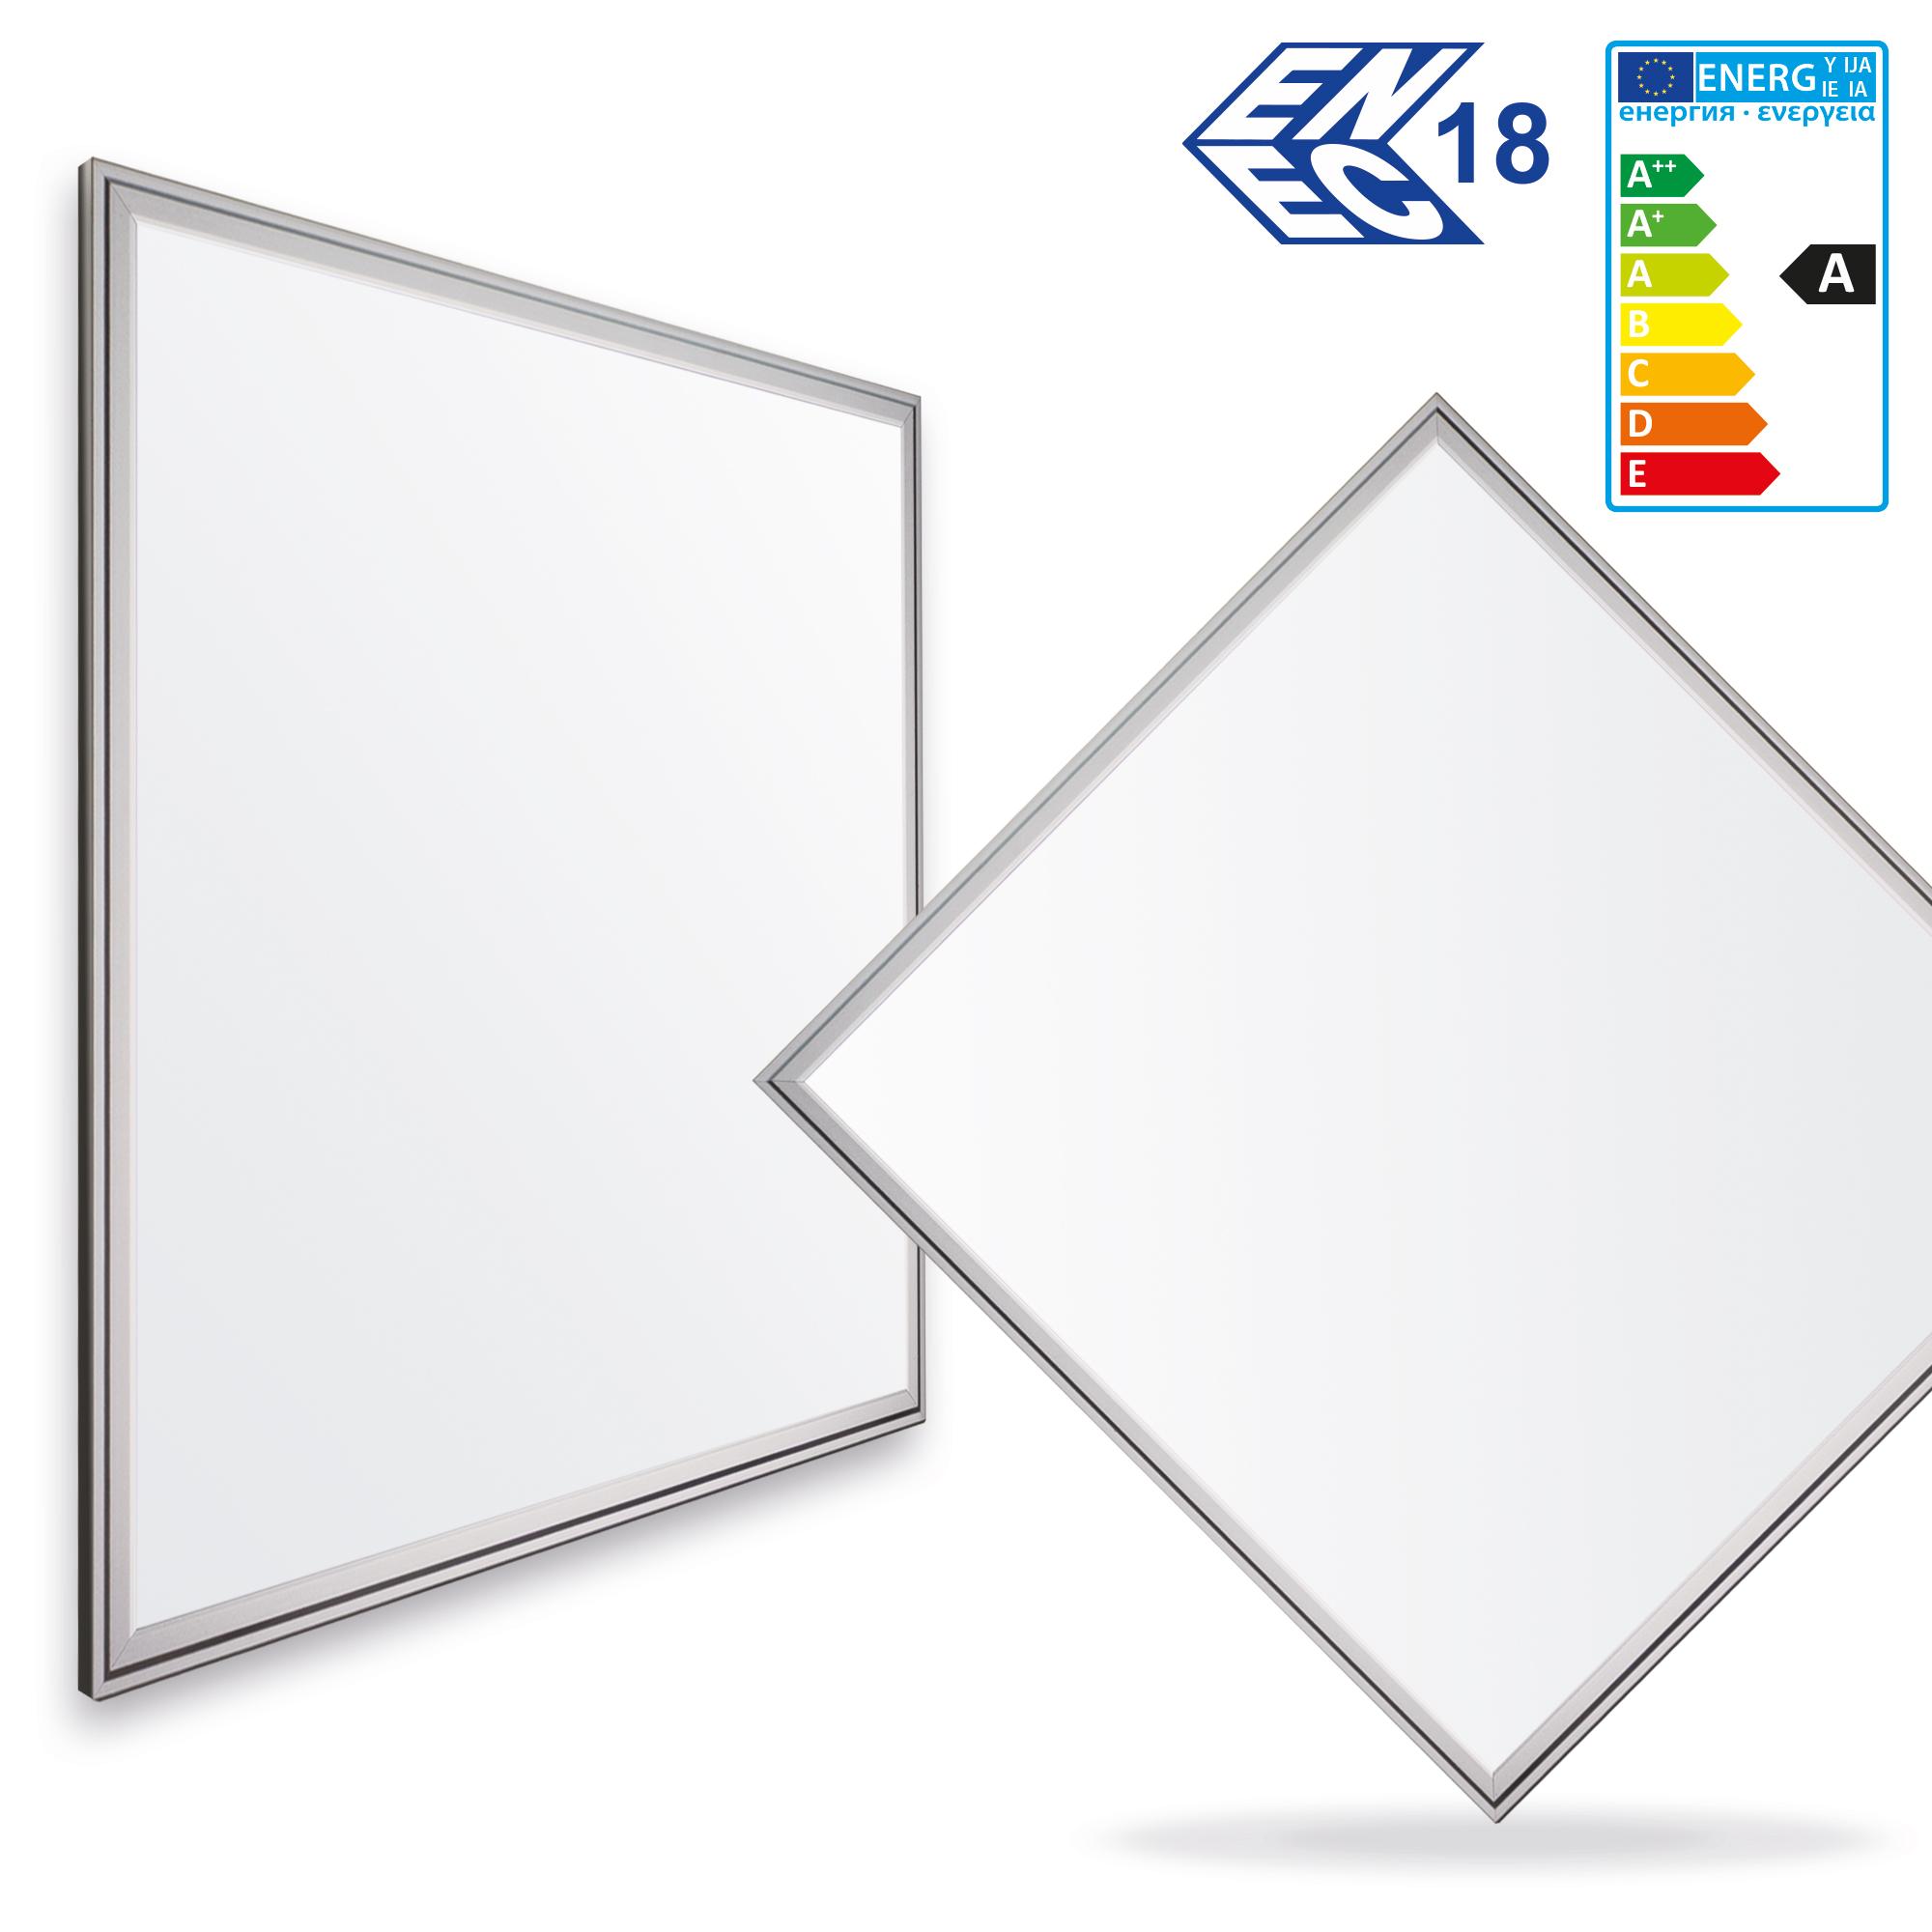 1x LEDVero 60x60 ENEC High Lumen 45W Ultraslim LED Panel 3500lm Deckenleuchte mit Befestigungsclips und EMV Trafo - Neutralweiß - Energieklasse A